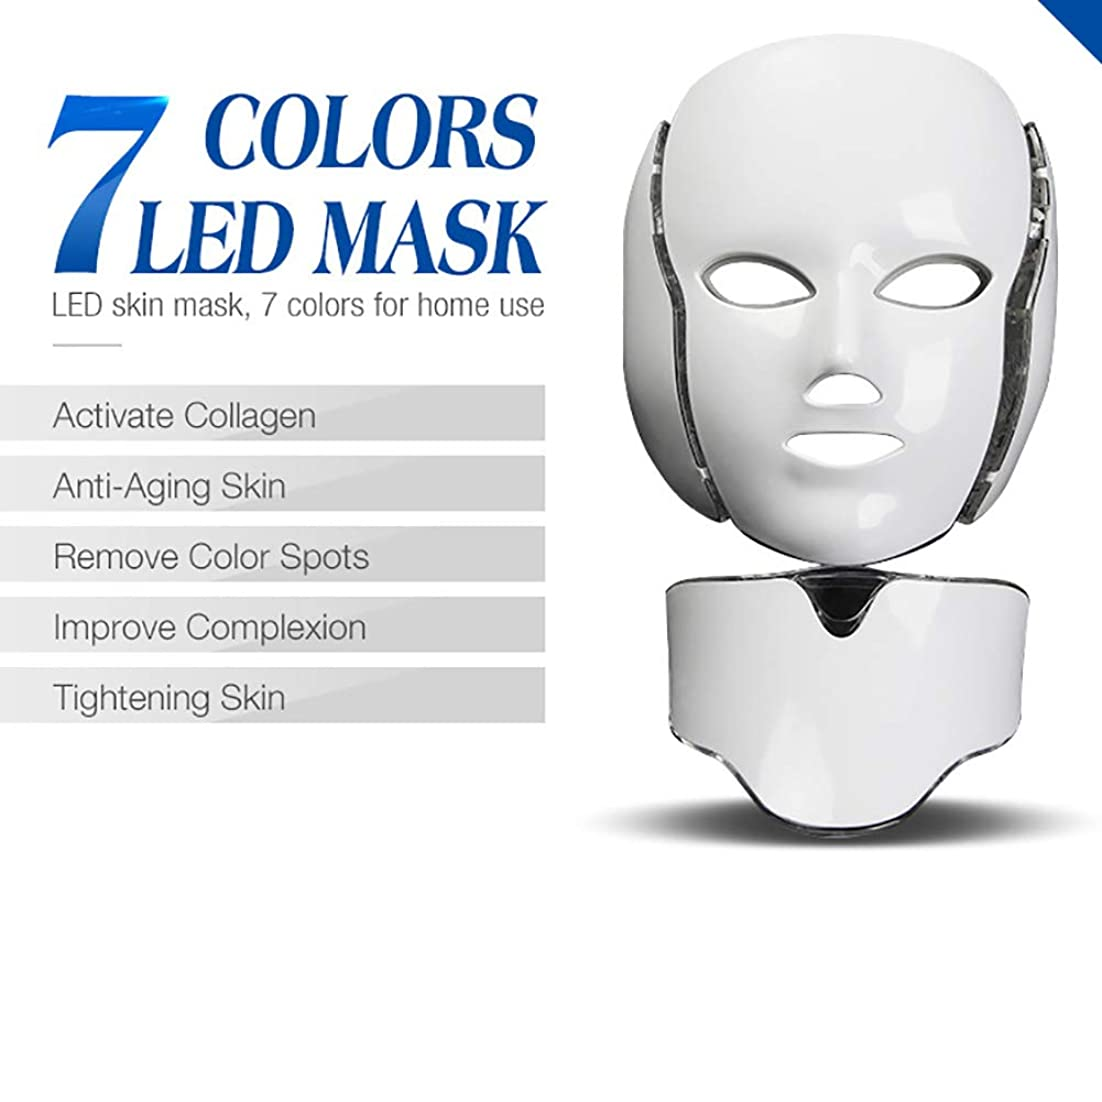 申し立てる血色の良い楽しむ7色ledフェイスマスク、7色電気ledフェイシャルマスク付きネック肌の若返り抗にきびシワ美容トリートメントサロンホームユース